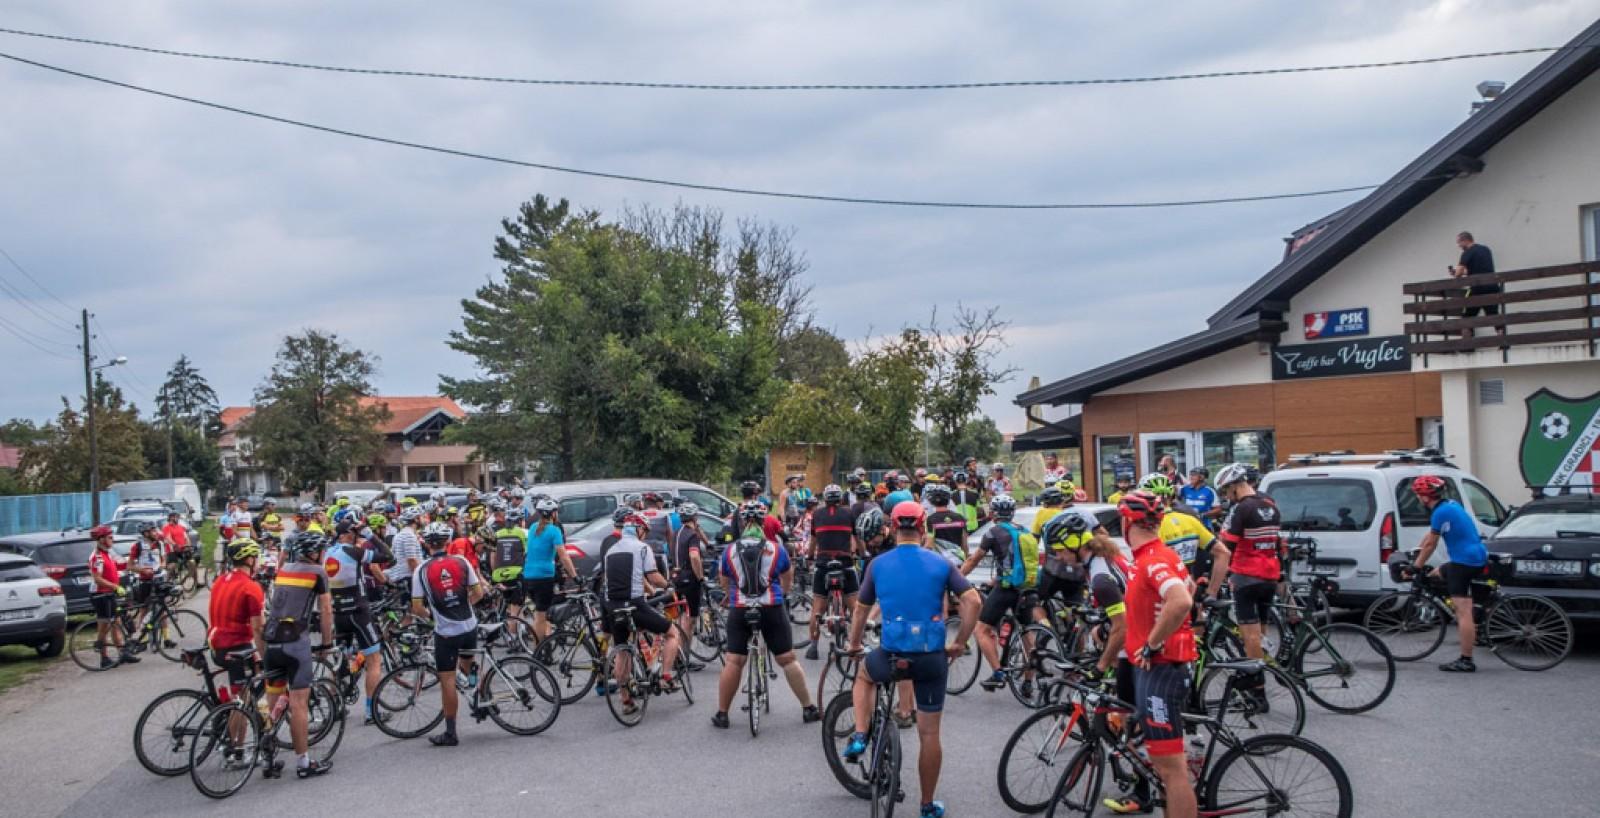 VG BREVET - biciklistička avantura duga 200 kilometara